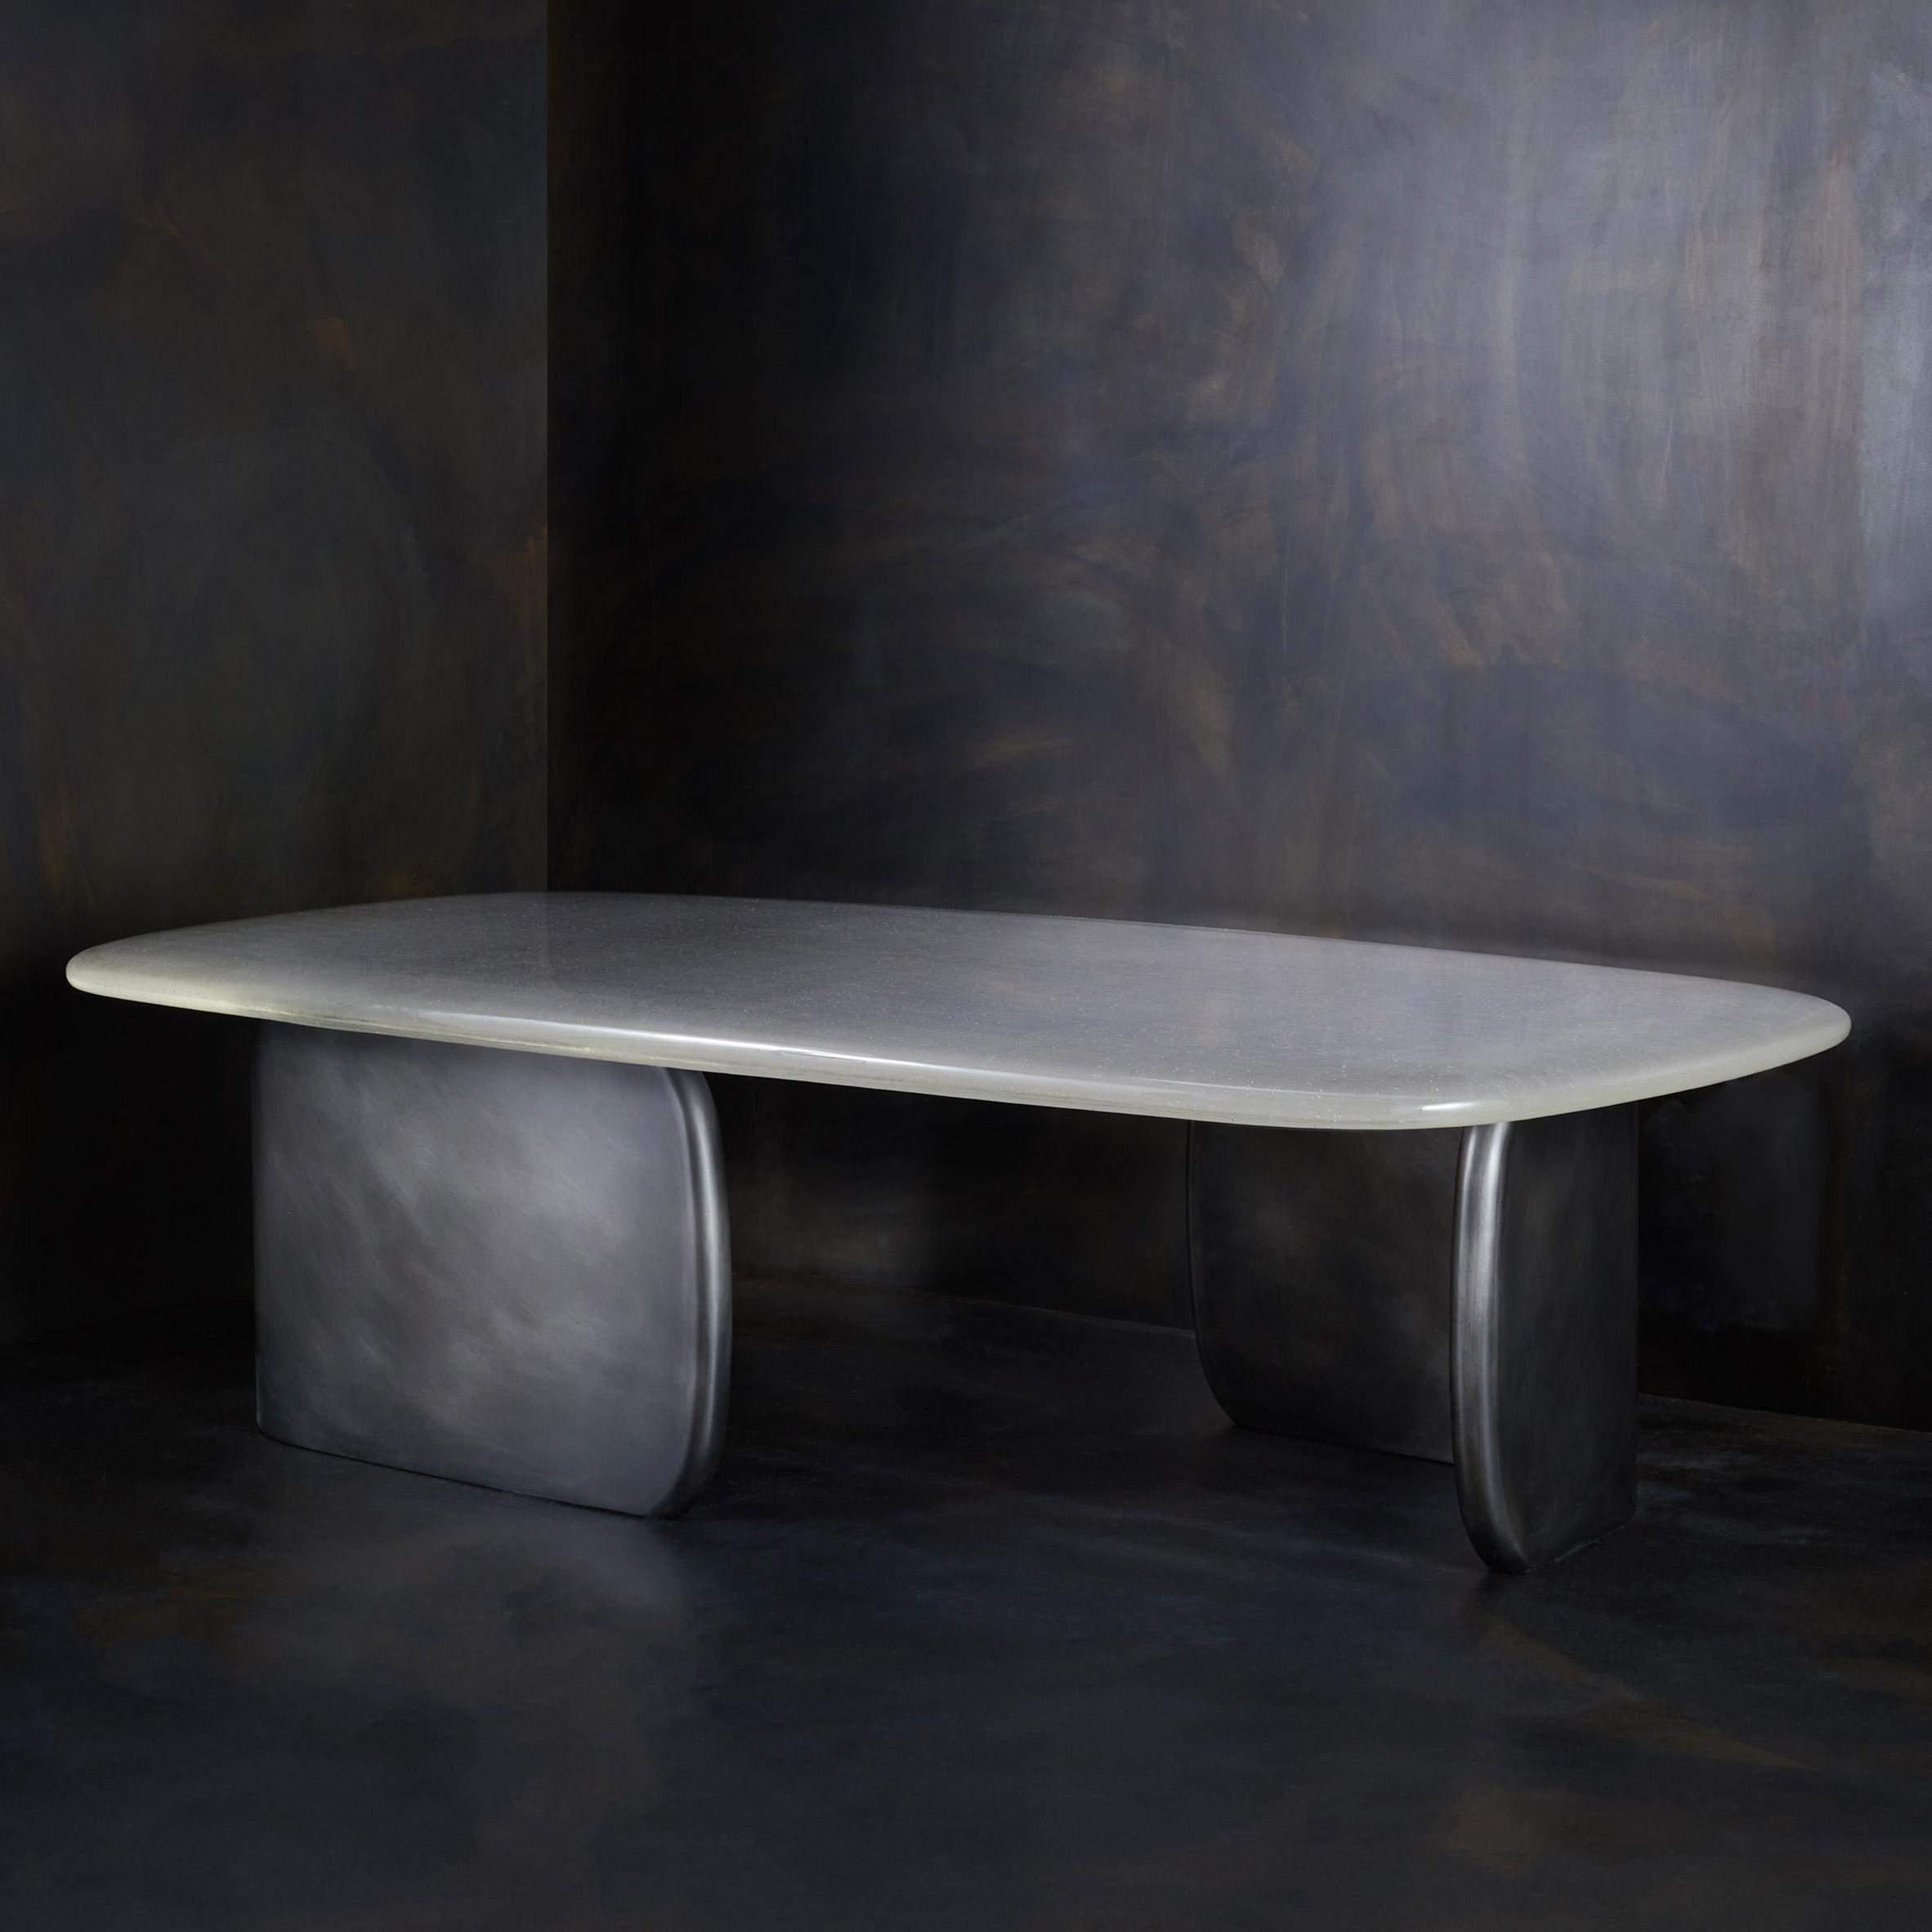 Сам столик невисокий / Фото Deezen